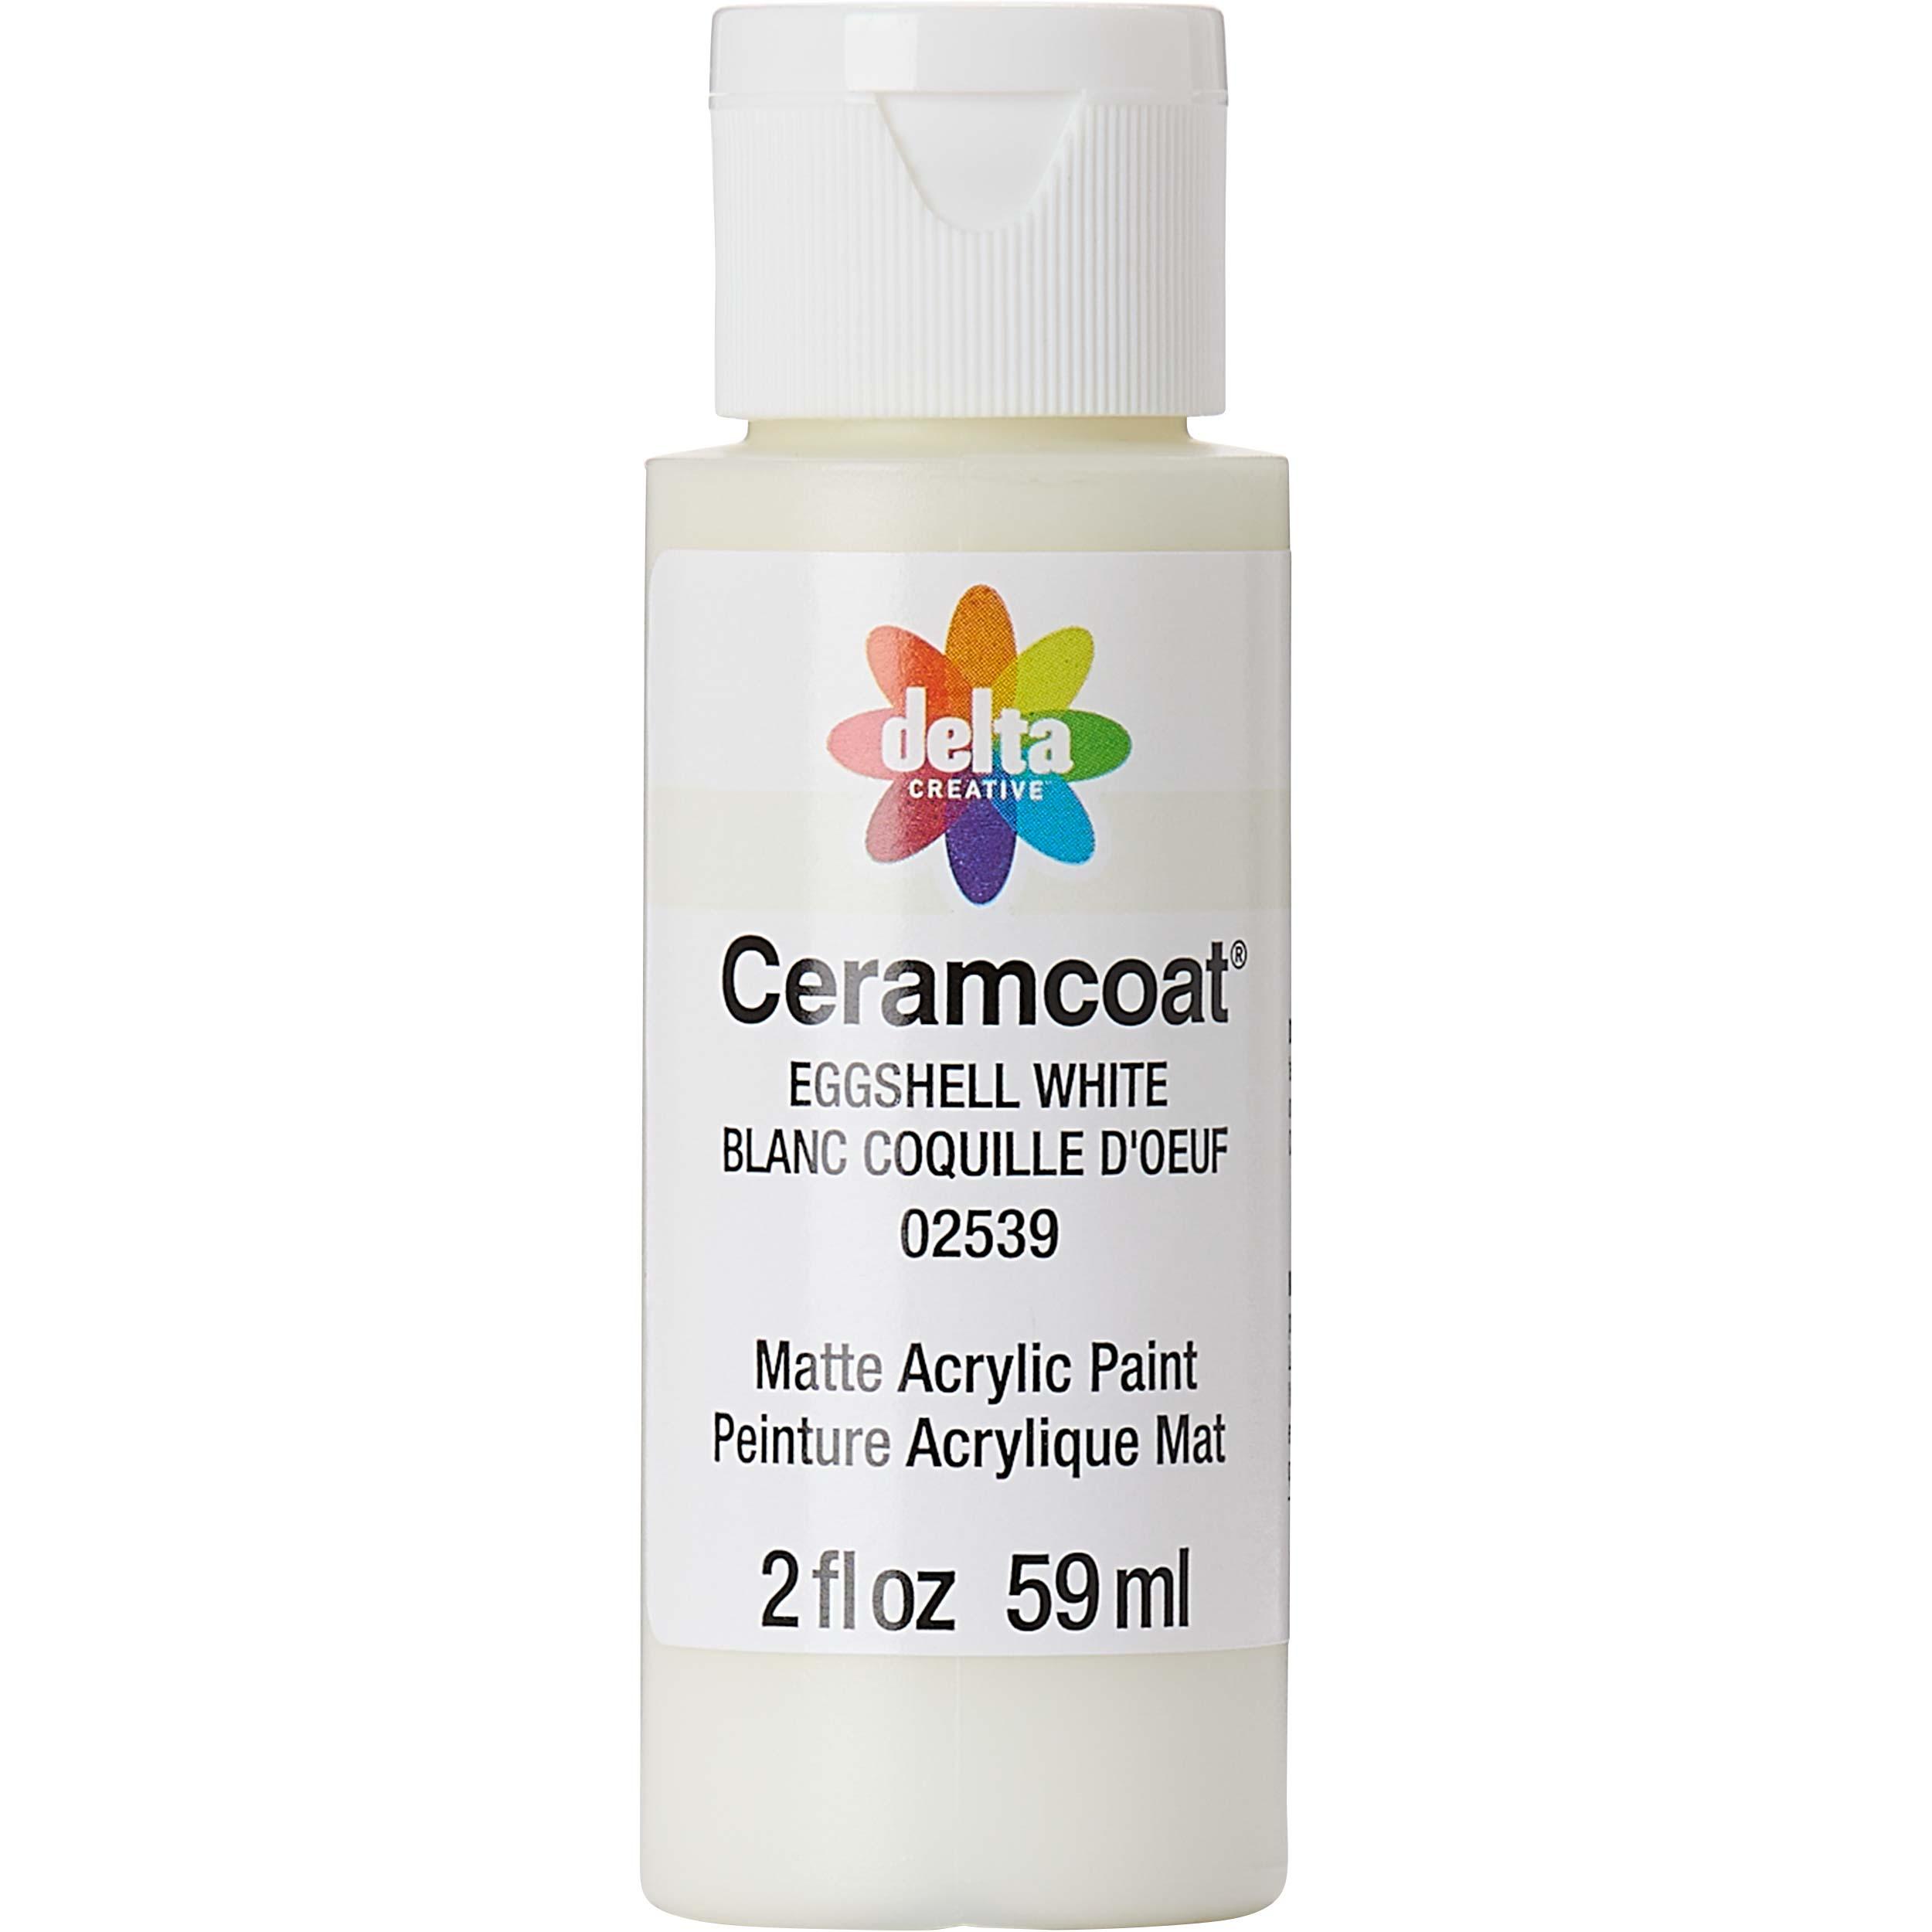 Delta Ceramcoat ® Acrylic Paint - Eggshell White, 2 oz. - 025390202W